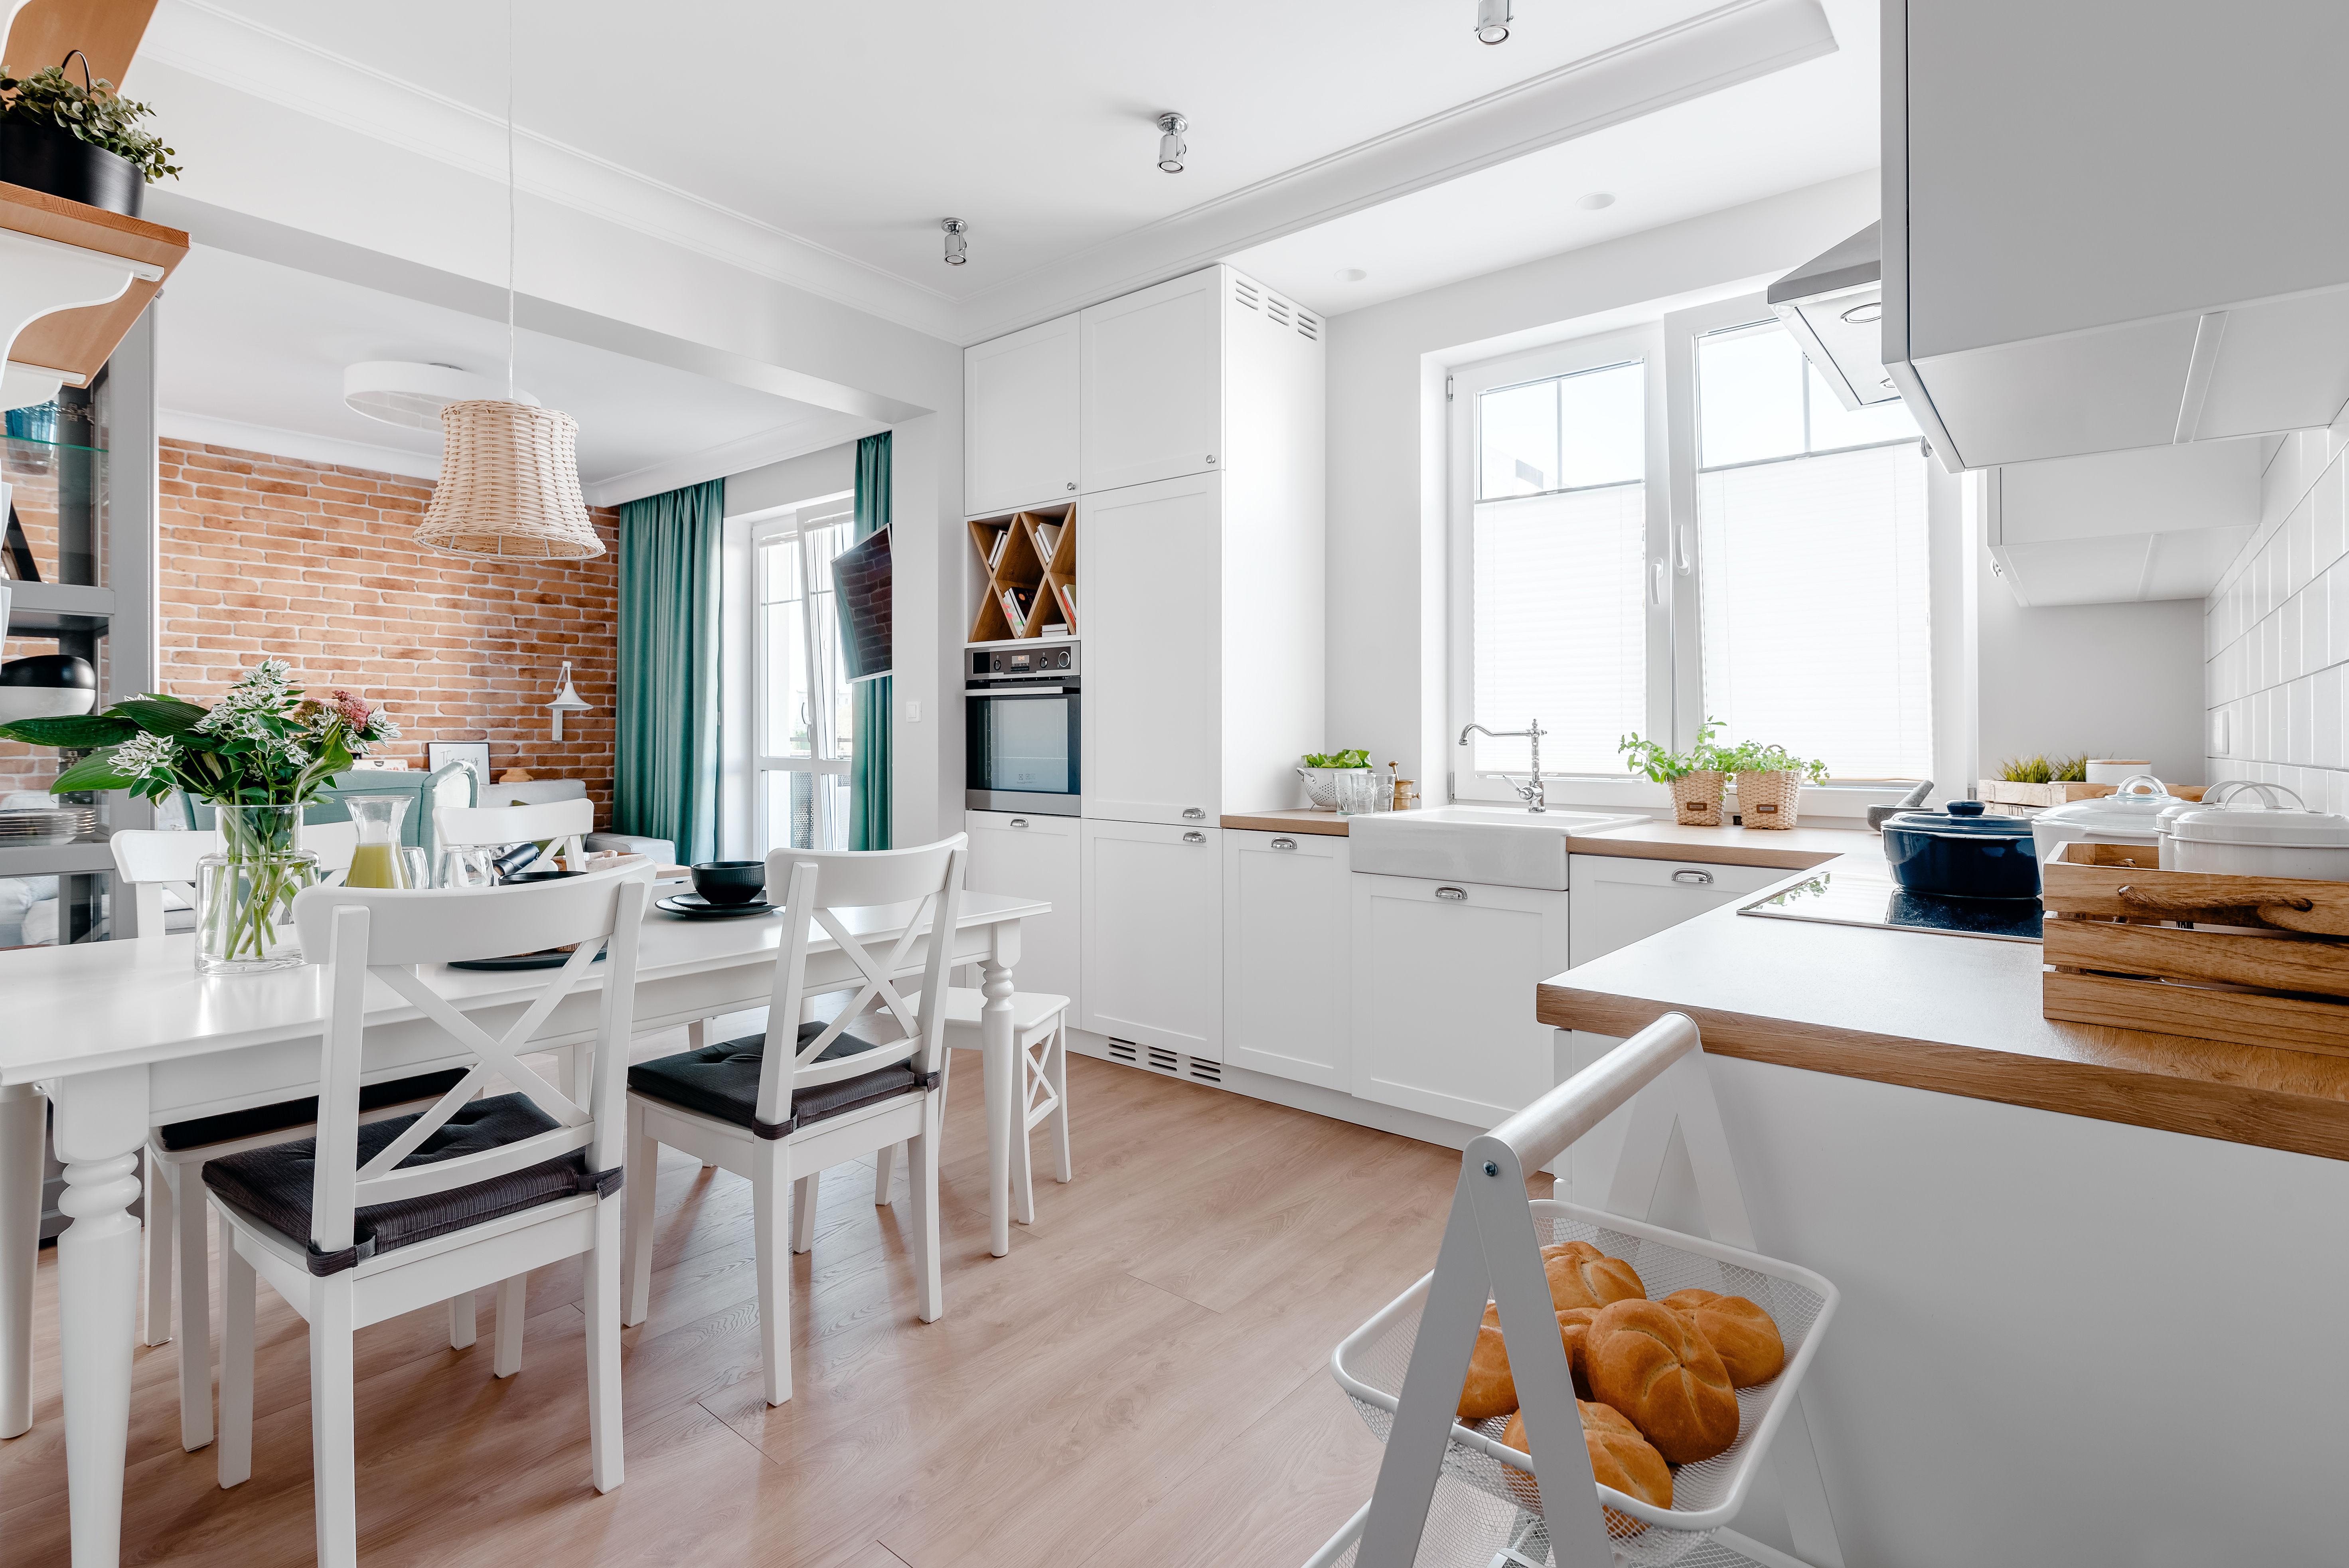 Kuchnia i jadalnia, mieszkanie w Morągu